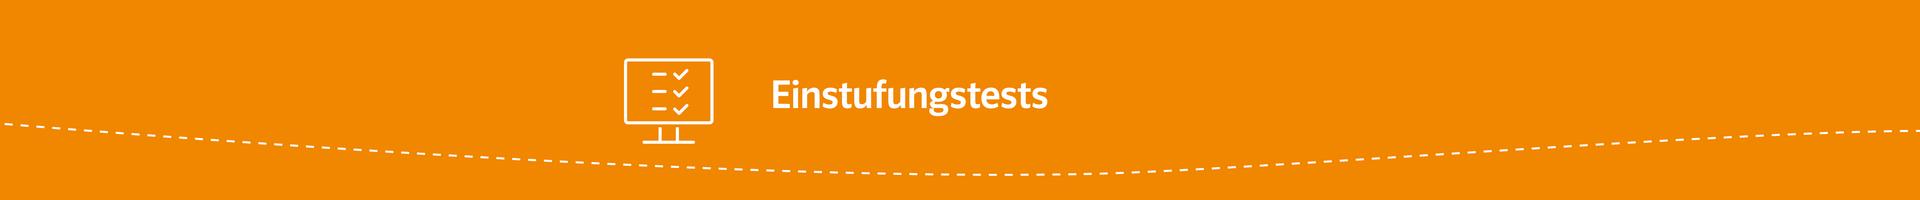 Einstufungstests | Downloads | Klett Sprachen